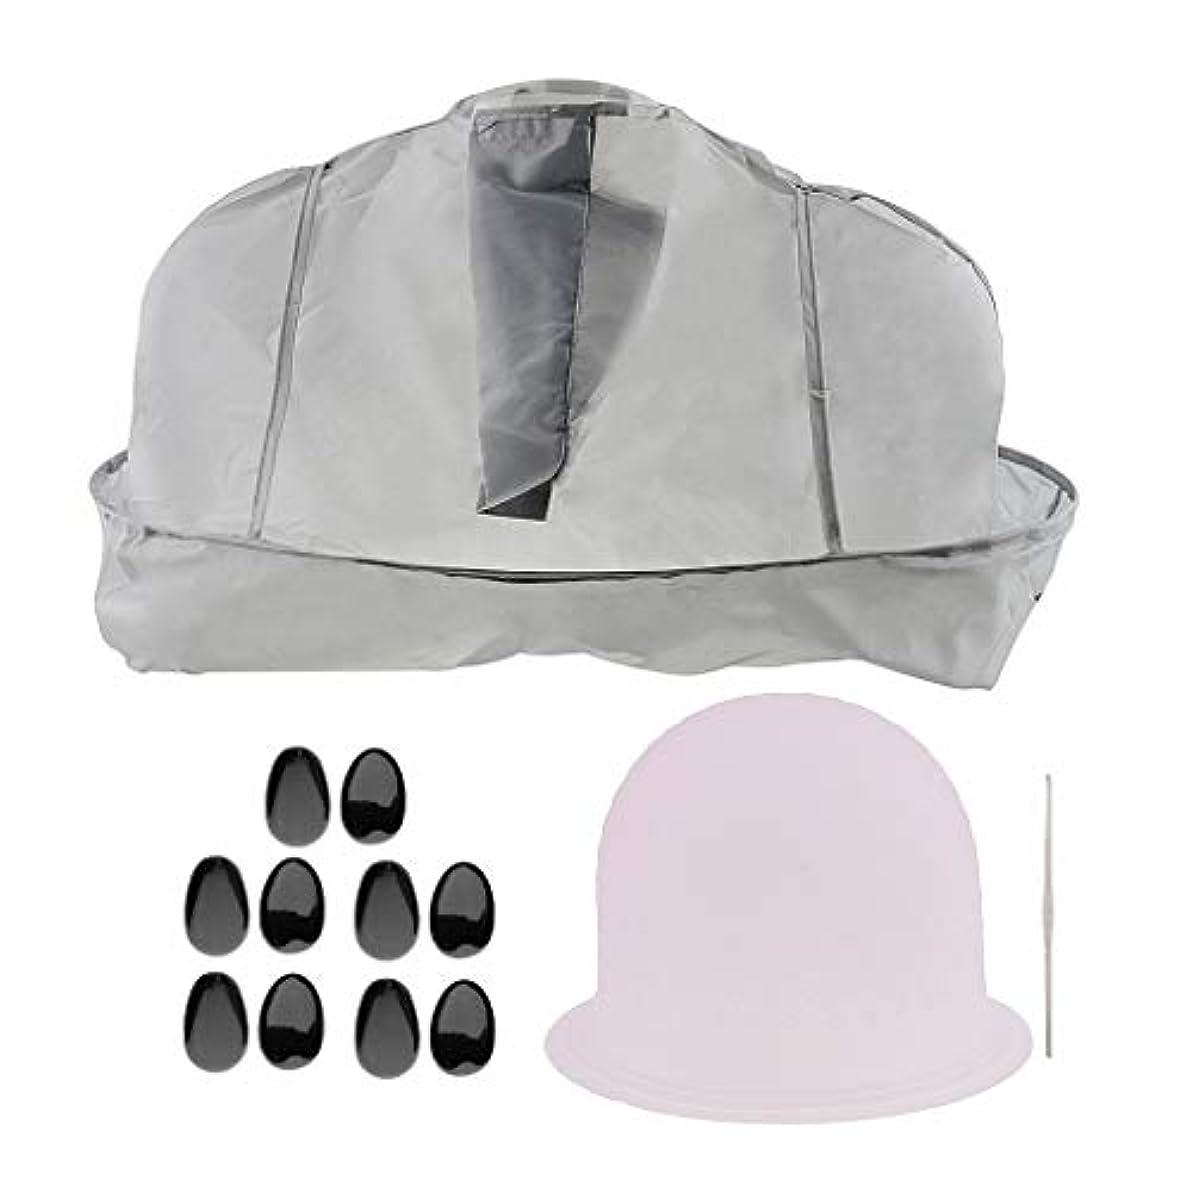 器官ピンク首F Fityle ヘアティントキャップ メタルフック 美容ケープ 髪染め耳カバー サロン